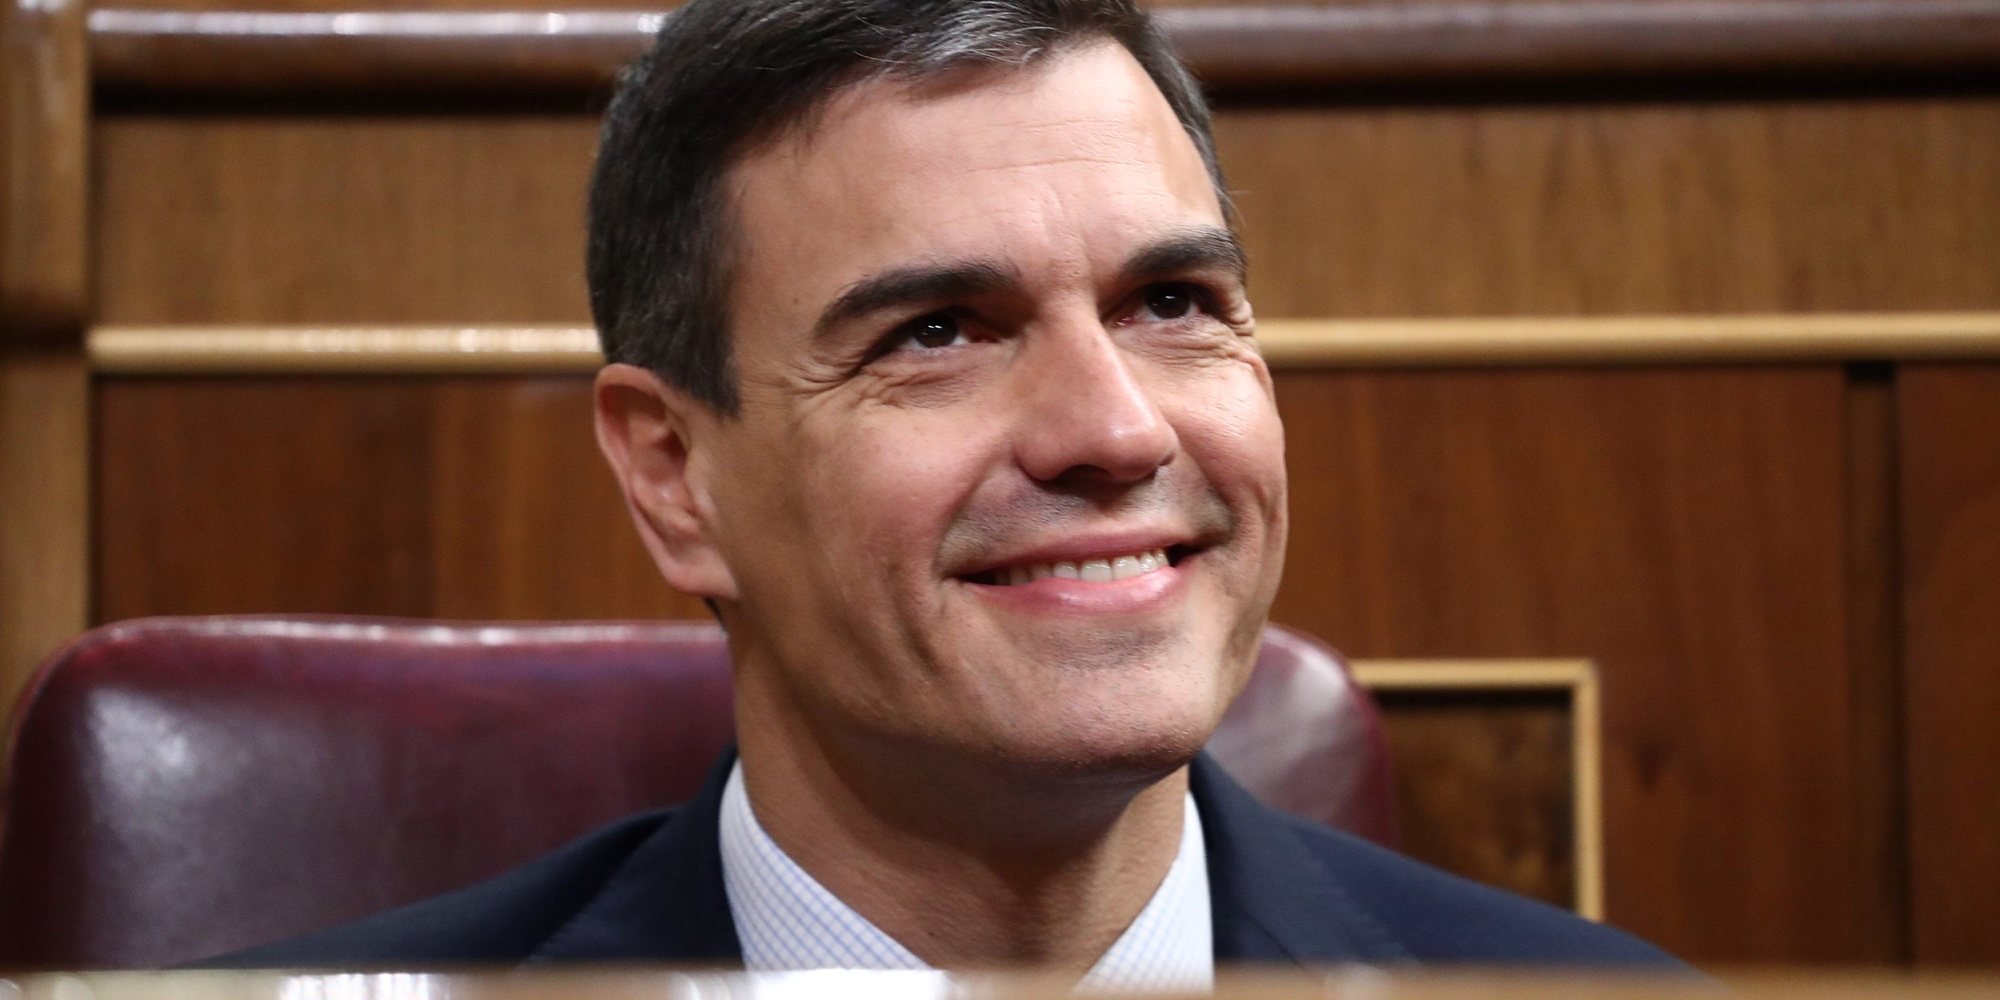 Pedro Sánchez, primer Presidente de España tras prosperar una moción de censura y sin escaño